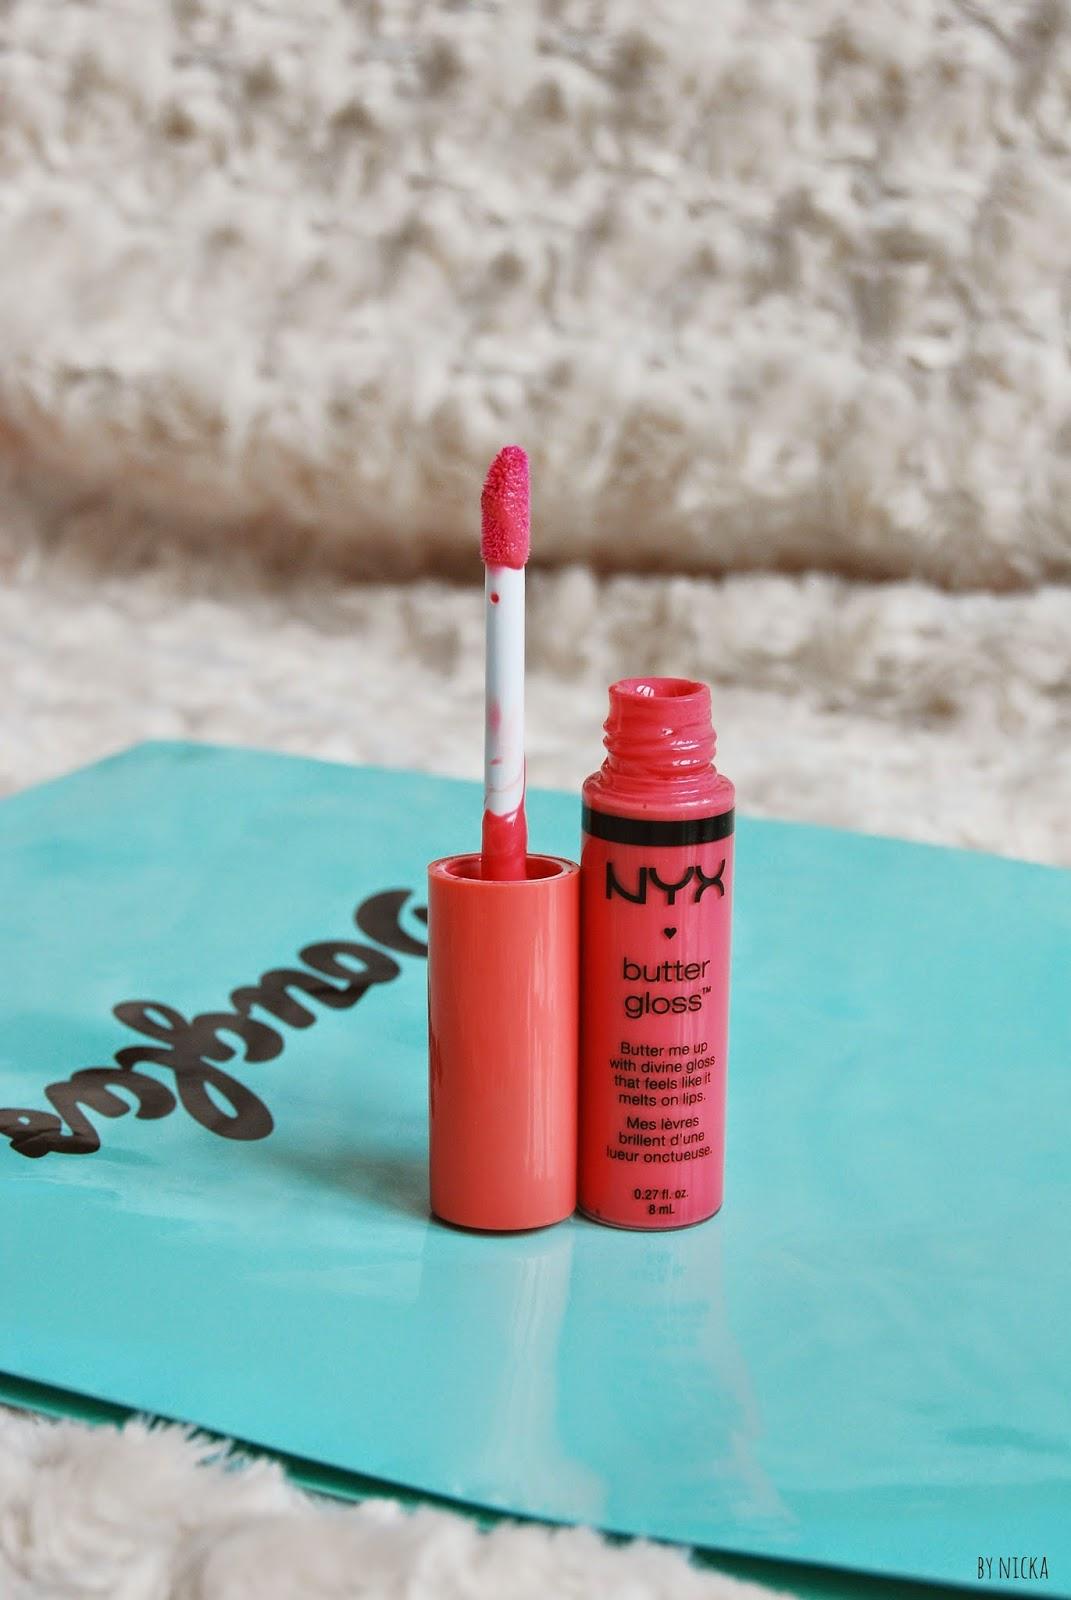 nyx lip product